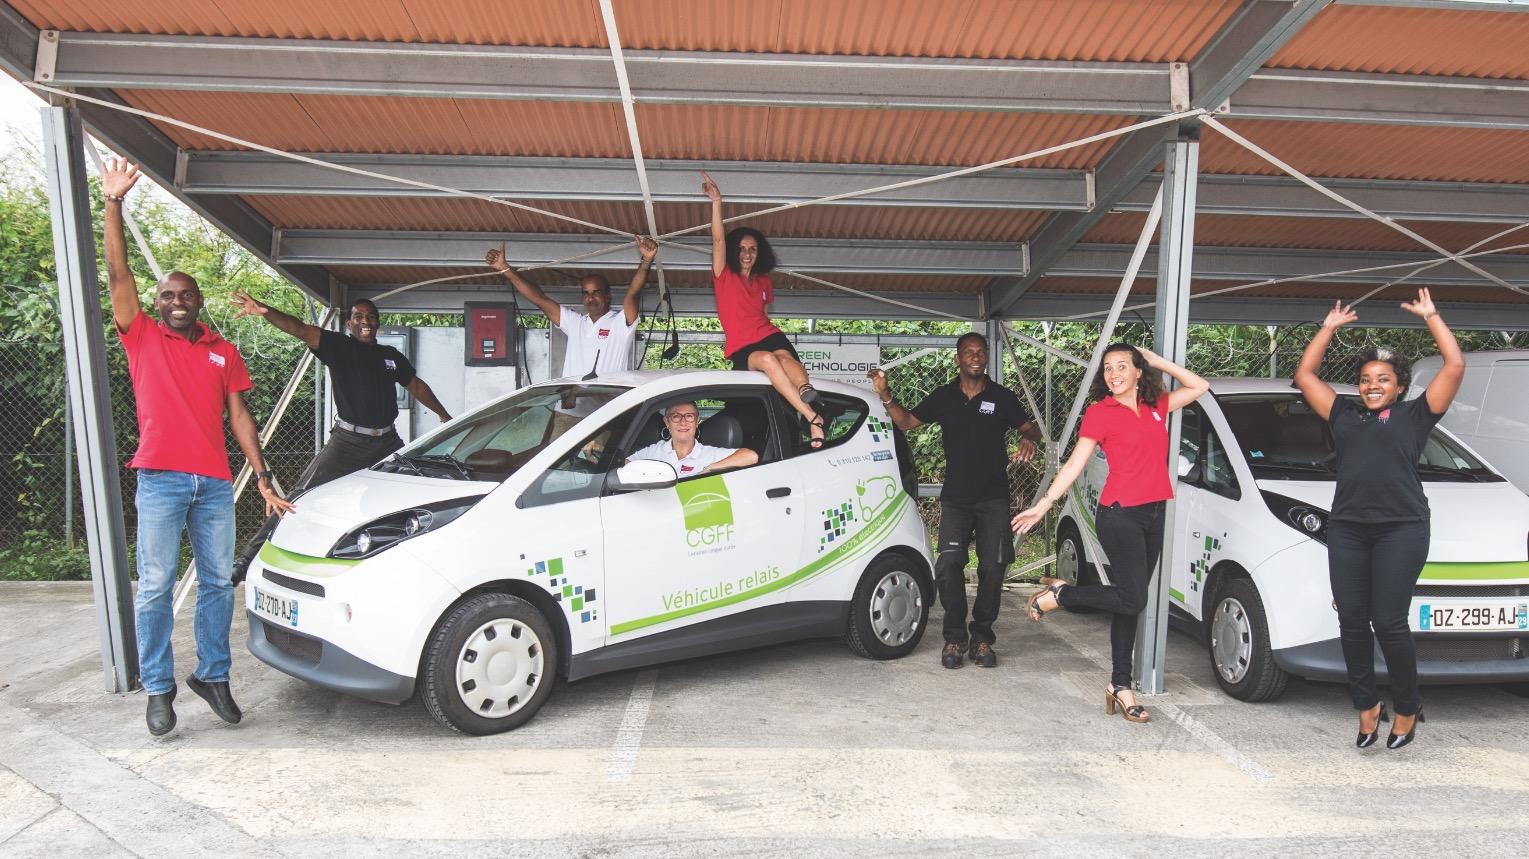 CGFF, la voiture électrique décomplexée